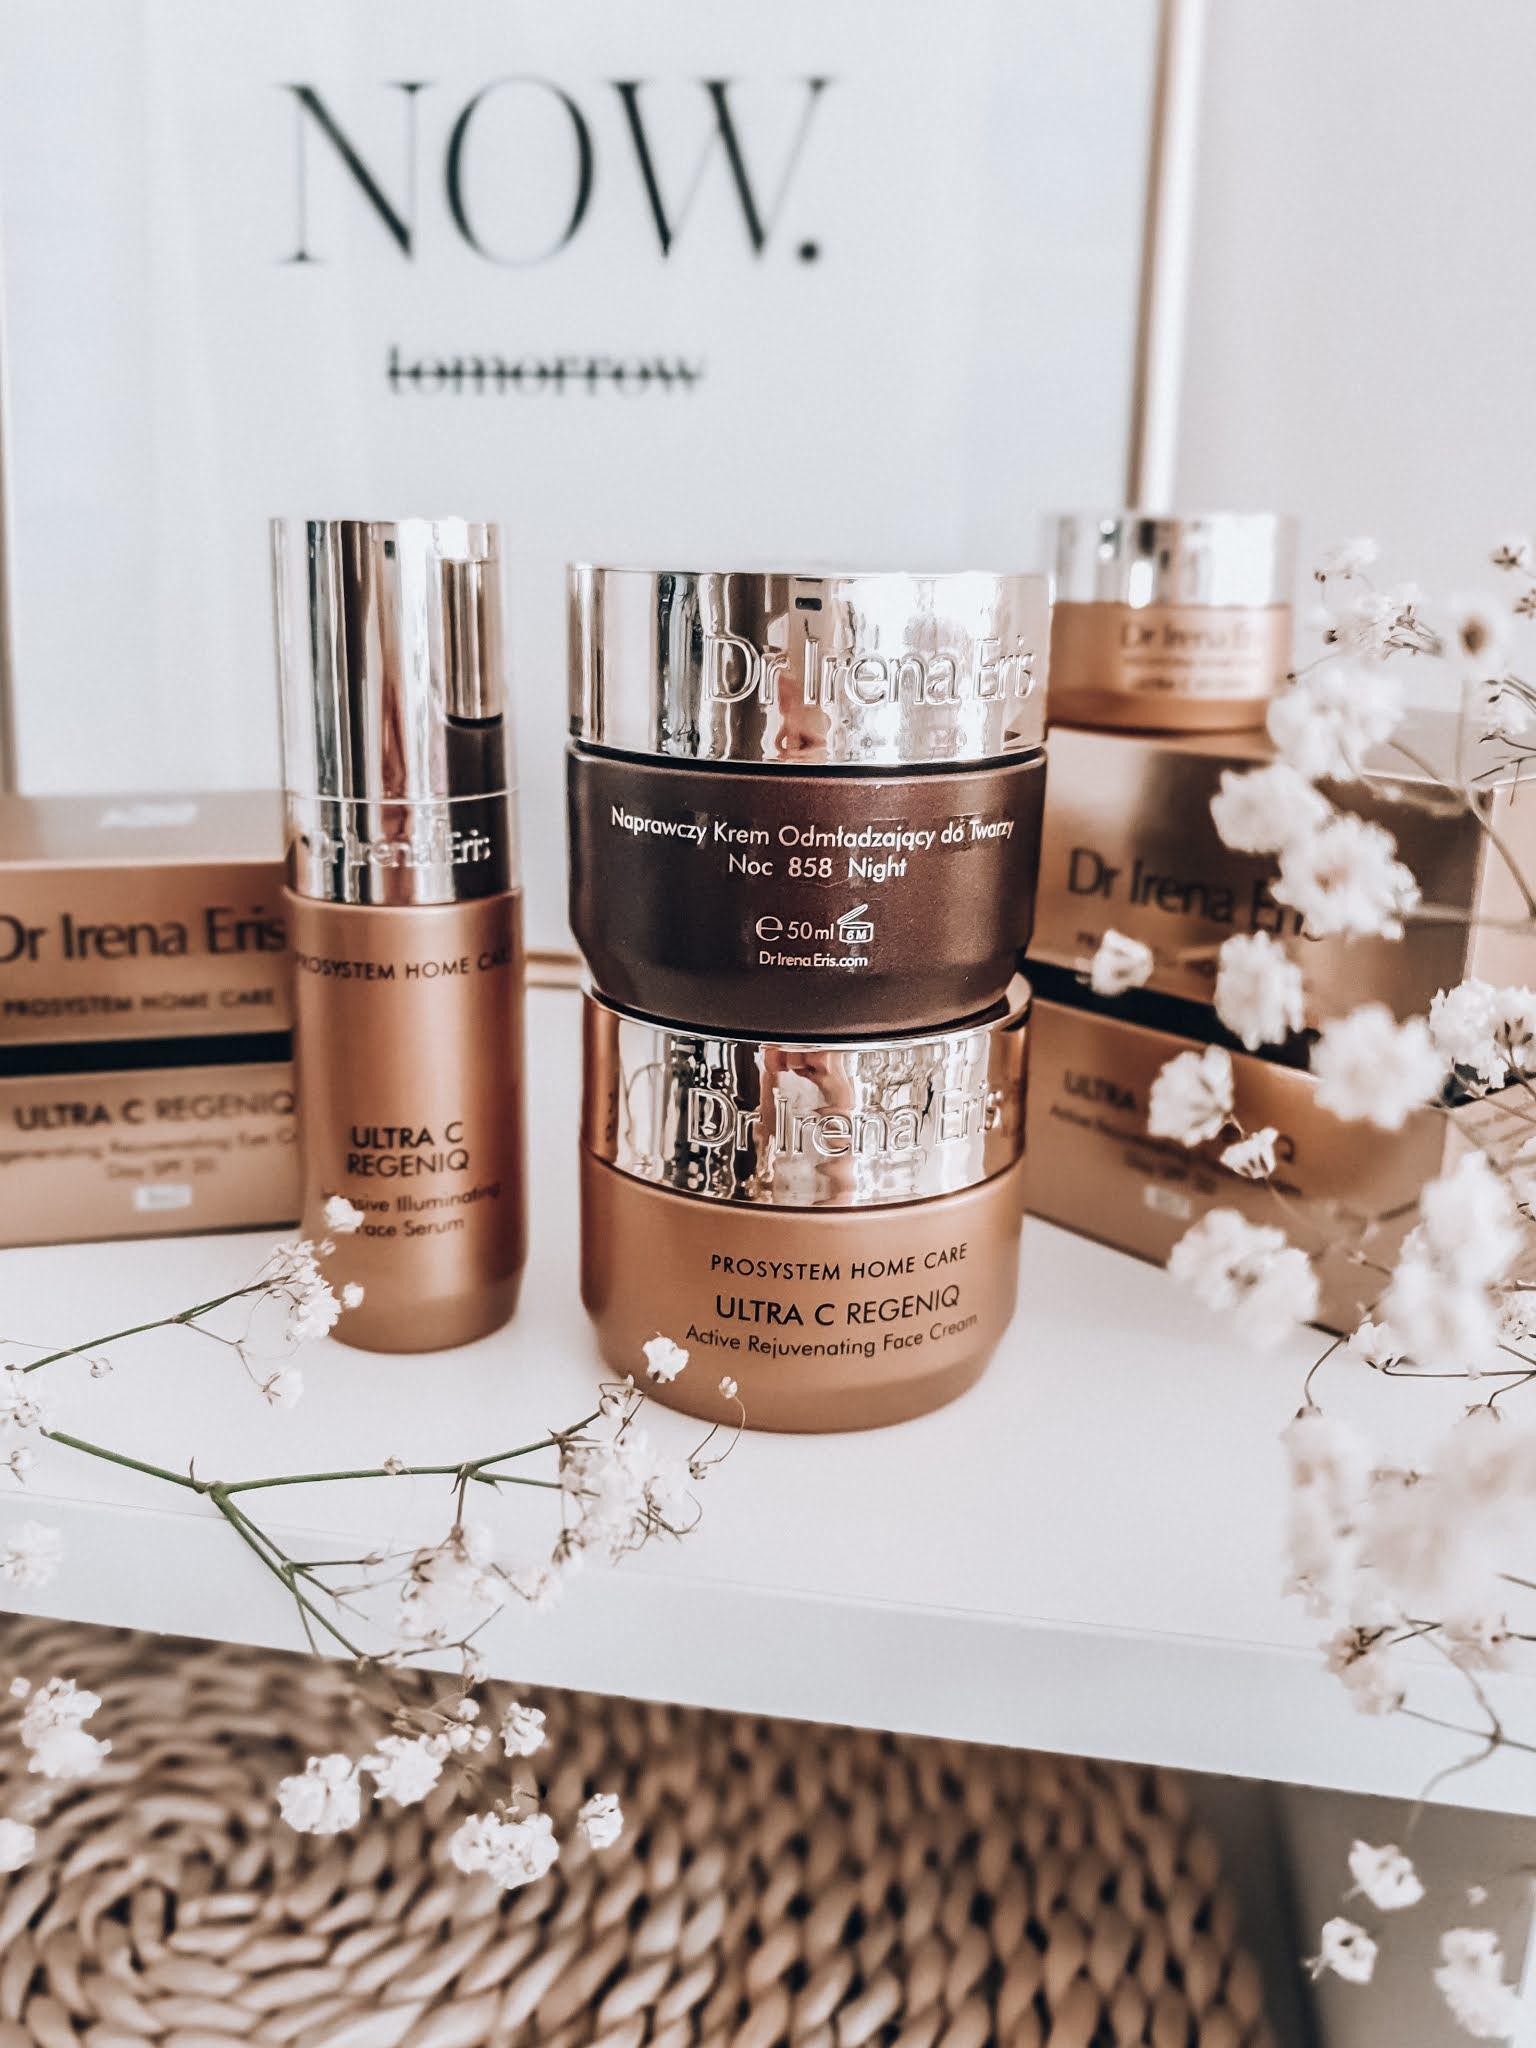 Profesjonalna linia kosmetyków Dr Irena Eris - Unikalna terapia wygładzająco-rozświetlająca ZABIEG NA TWARZ